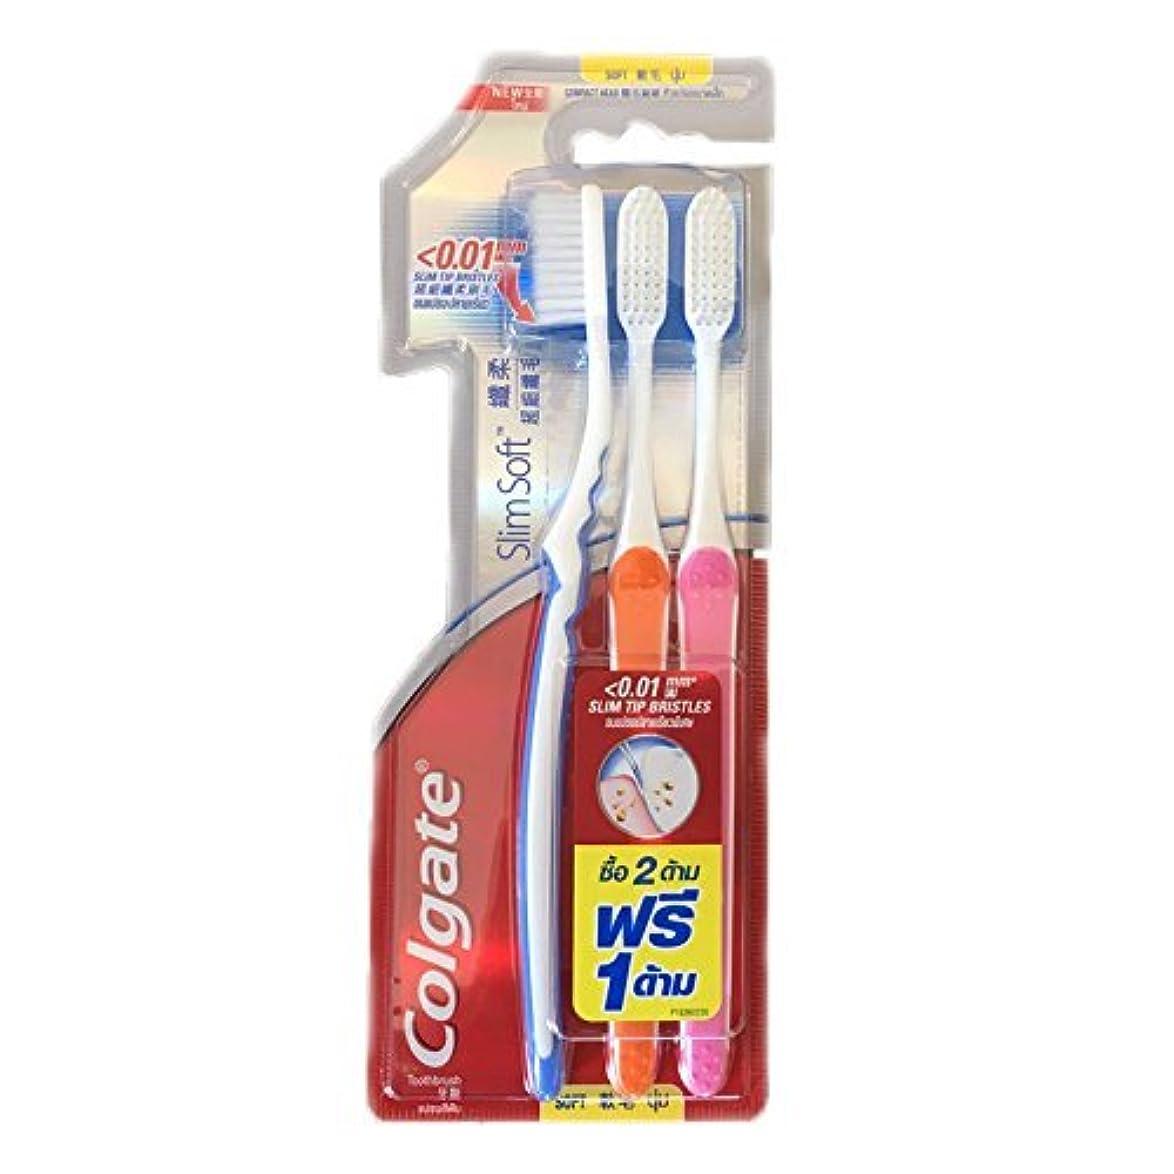 顧問もろい促進するColgate Compact Soft | Slim Soft Toothbrush, Family Pack (3 Bristles) by BeautyBreeze